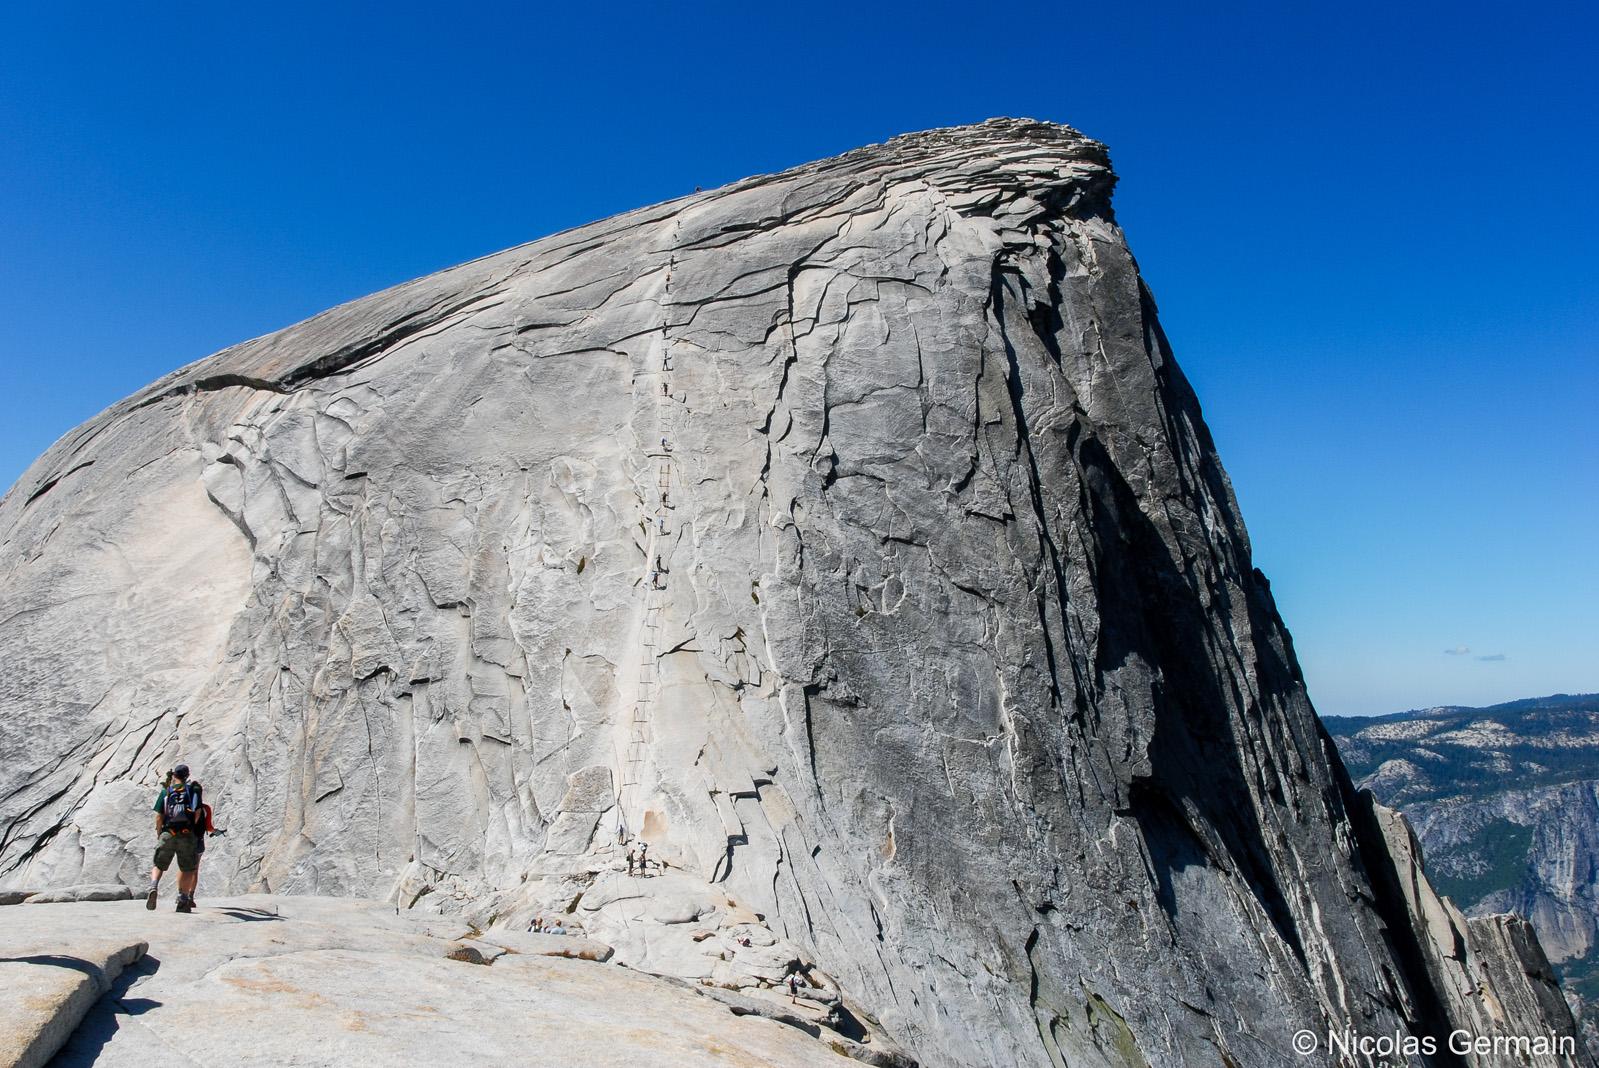 Des randonneurs s'attaquent à la montée finale vers le sommet du Half Dome de Yosemite, Californie